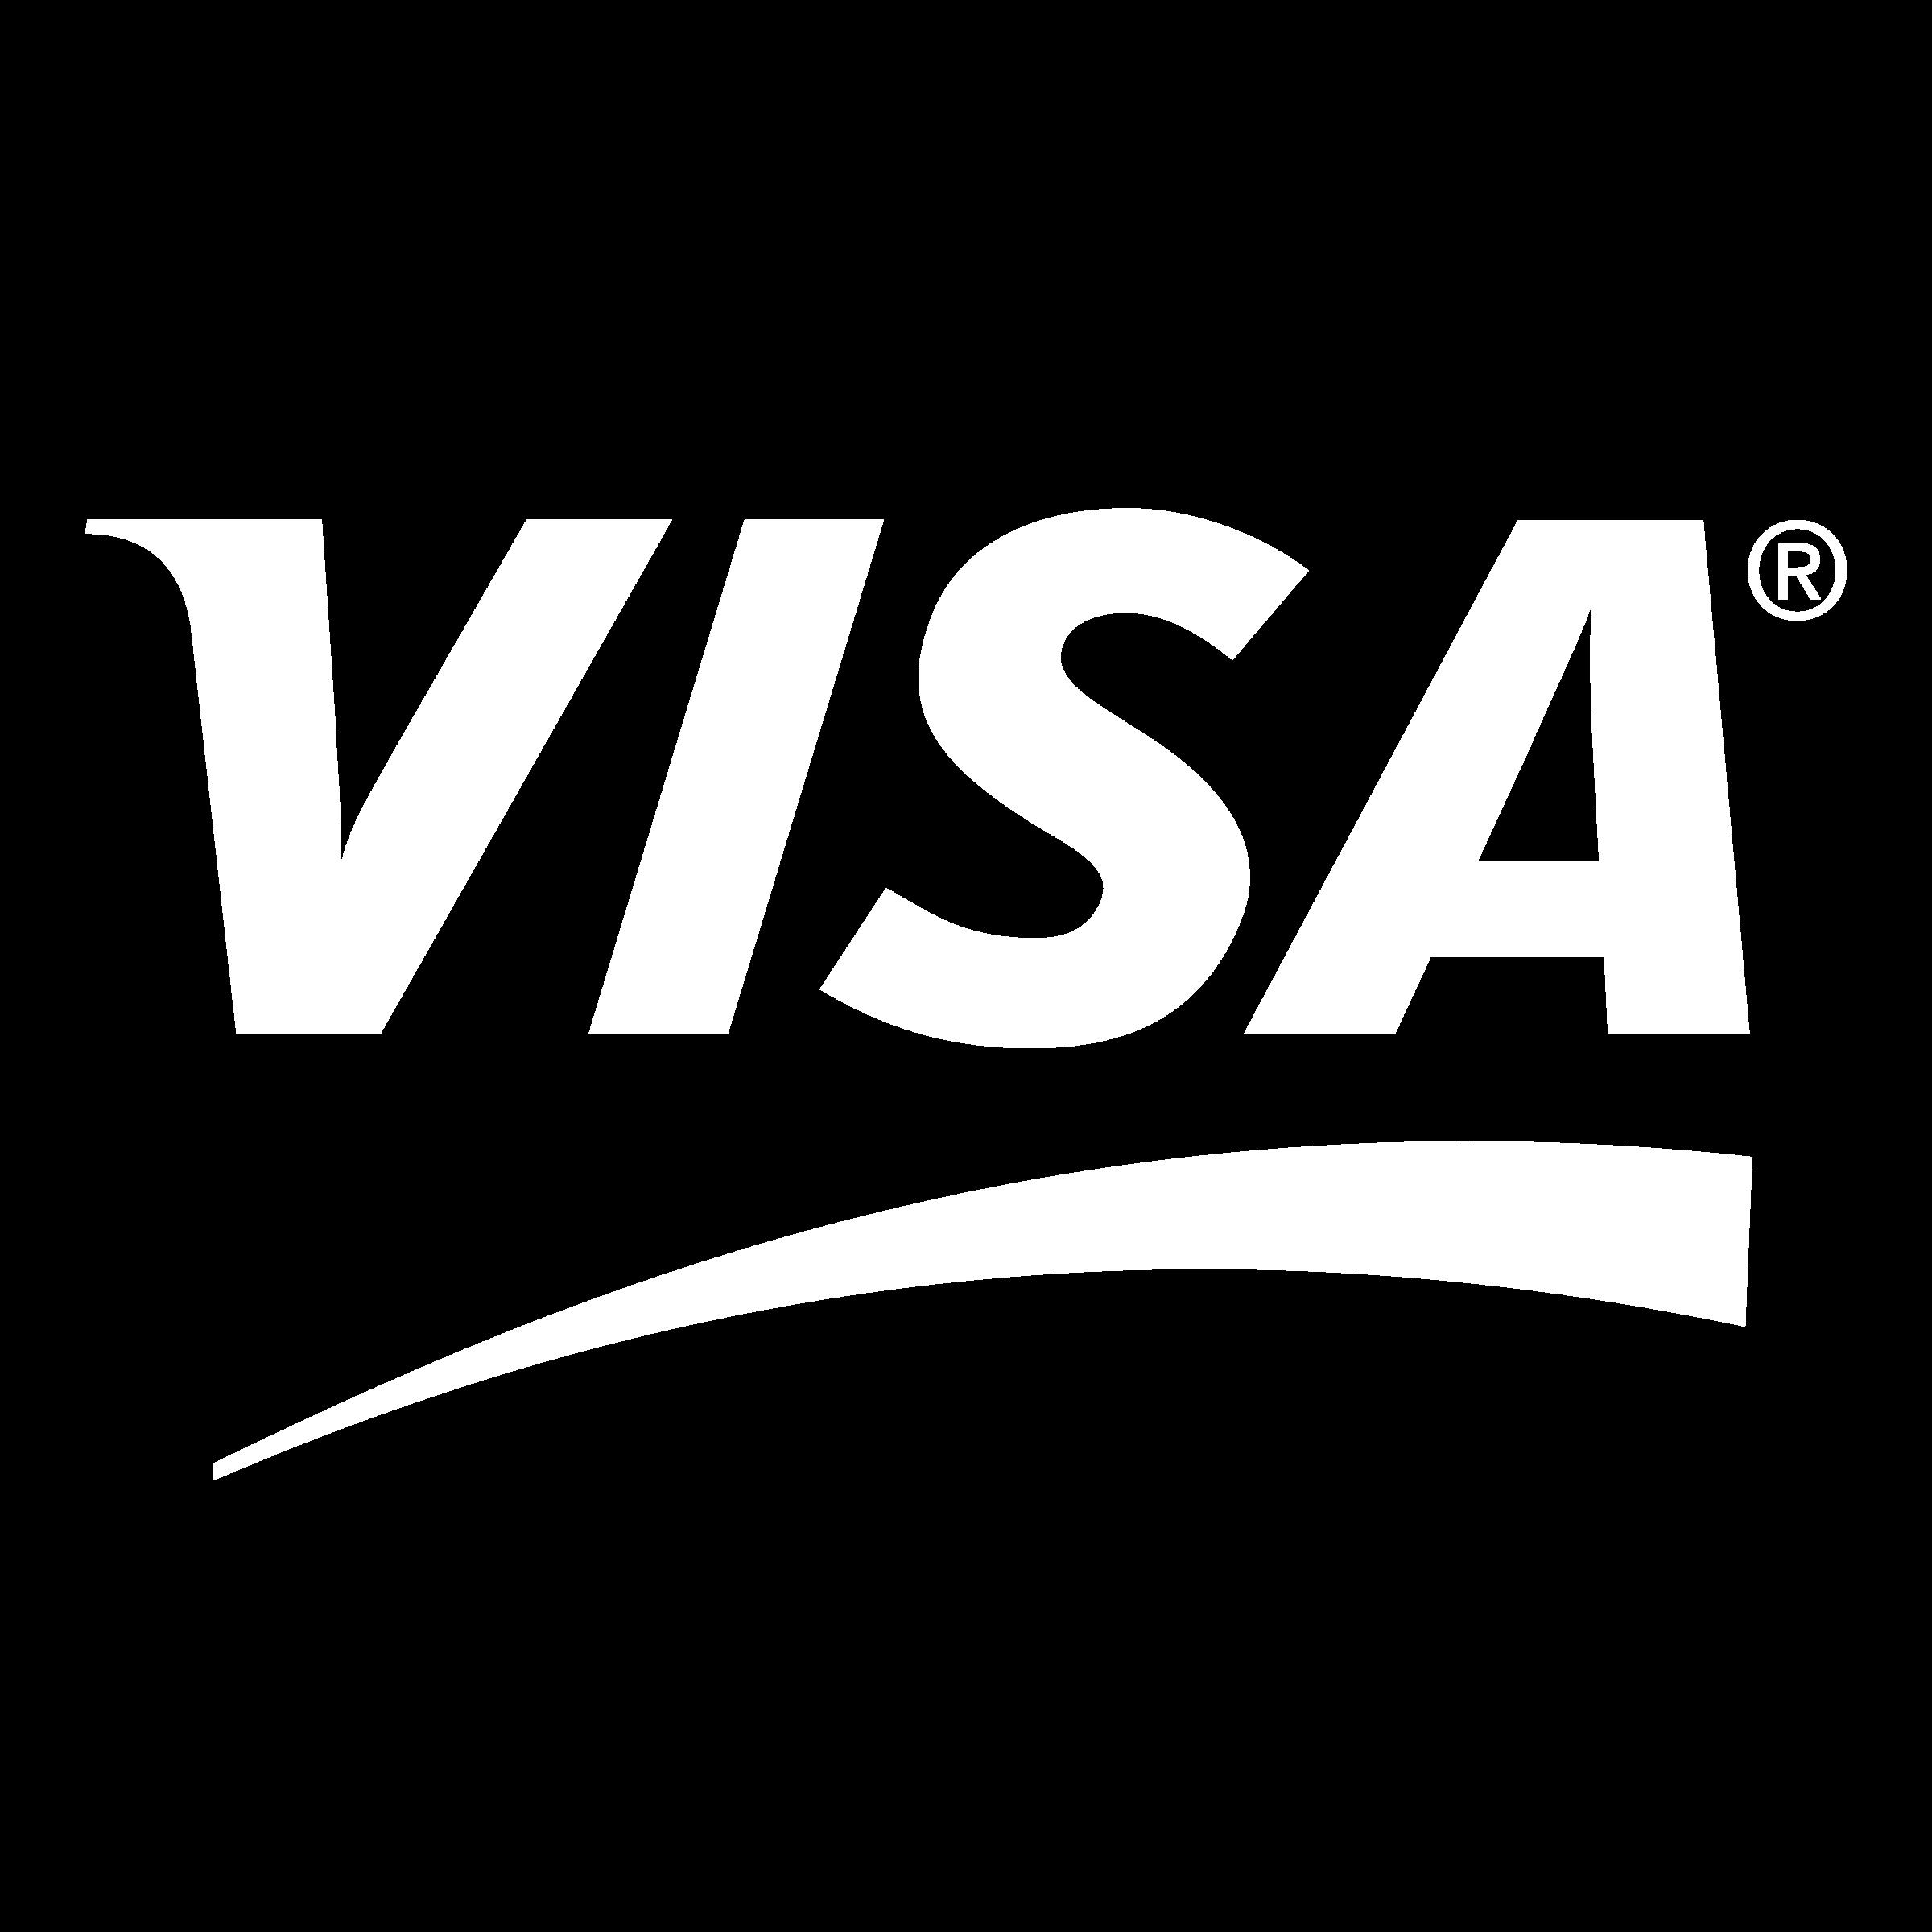 visa logo png transparent amp svg vector freebie supply